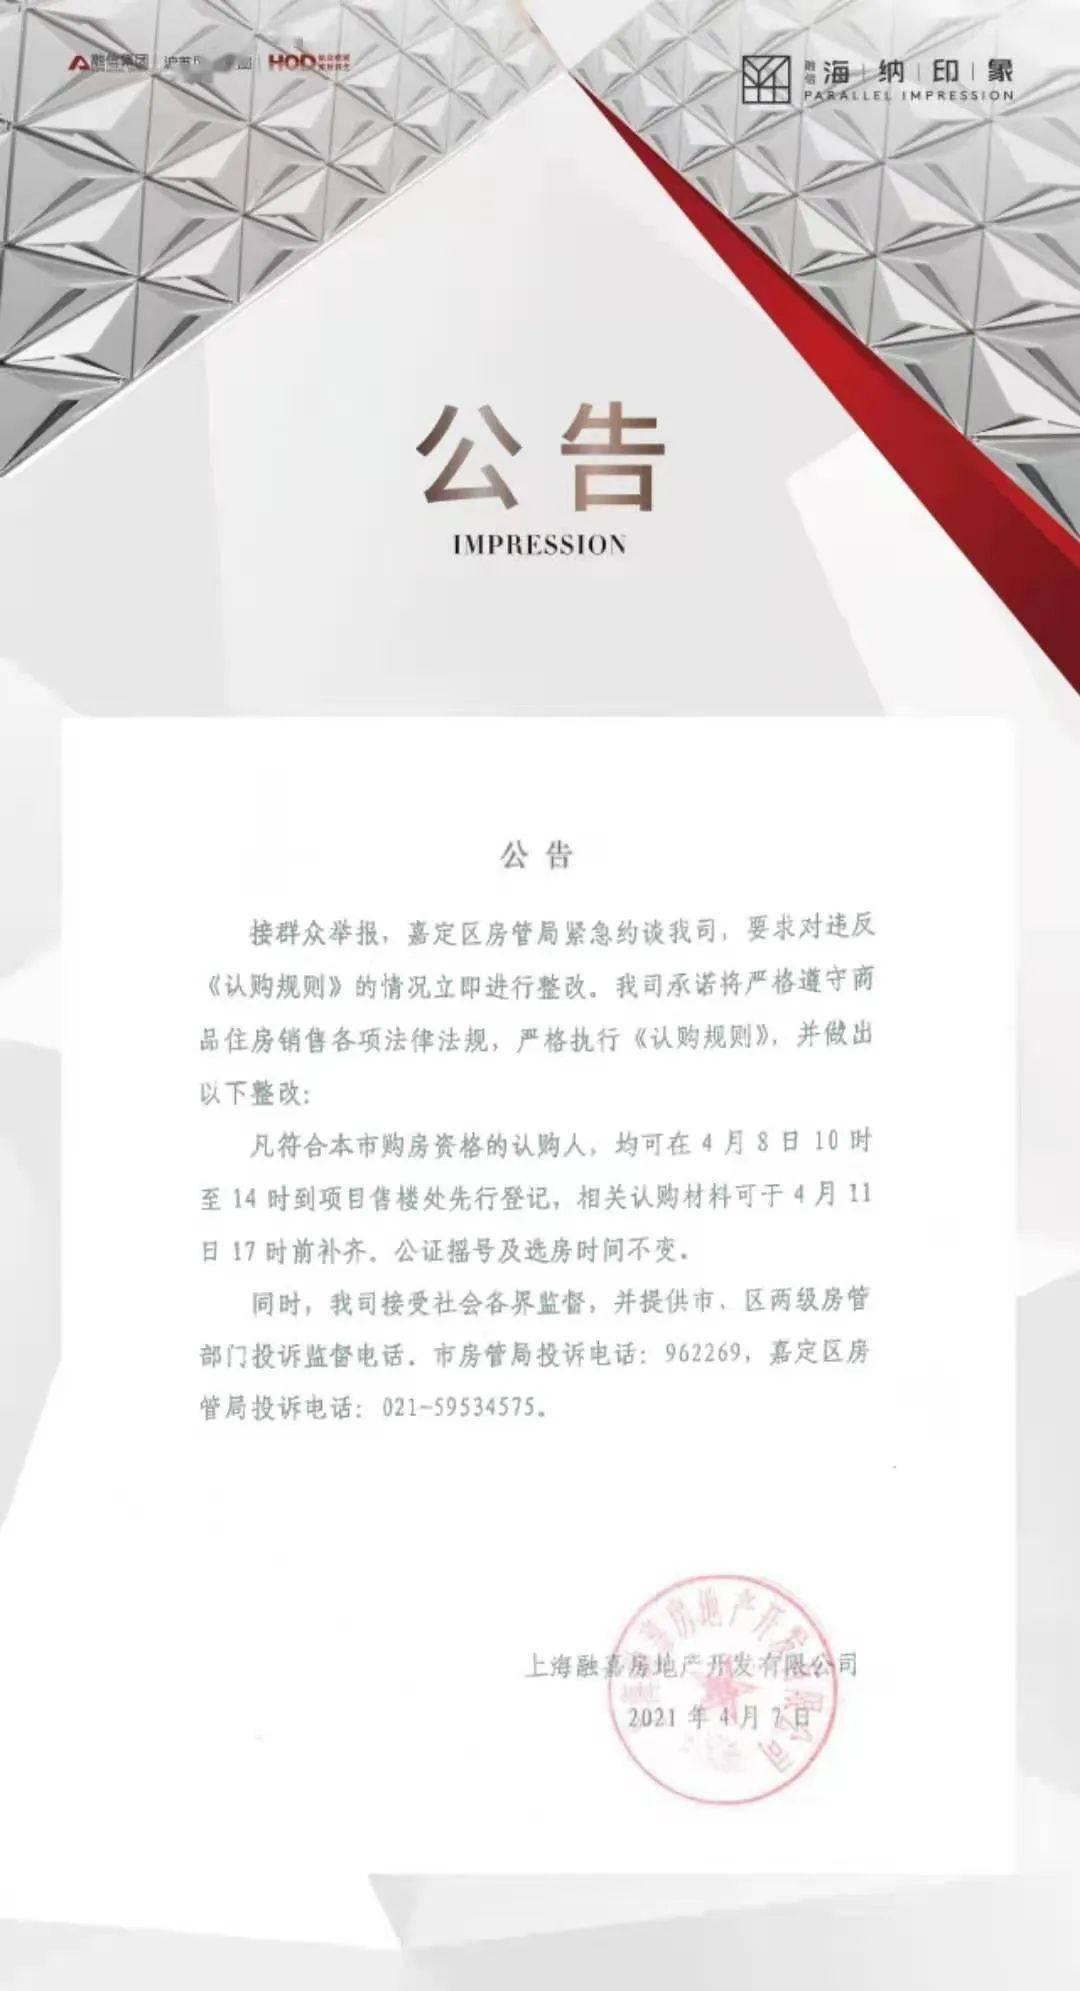 沐鸣直属-首页【1.1.1】